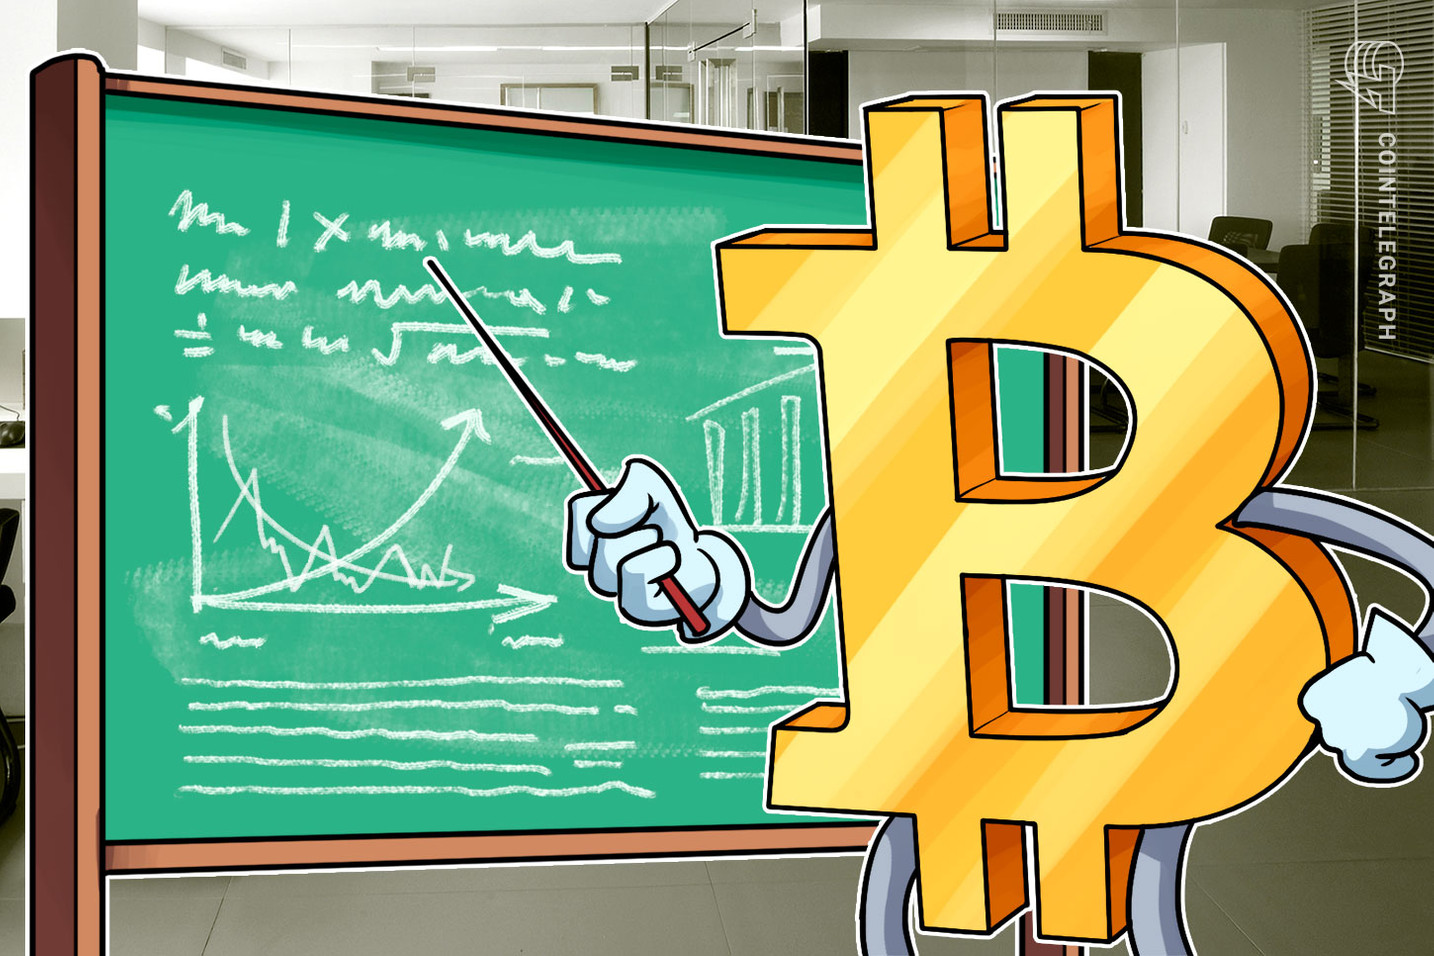 ビットコインはハイテク株のように振る舞う=仮想通貨企業コインシェアーズが指摘